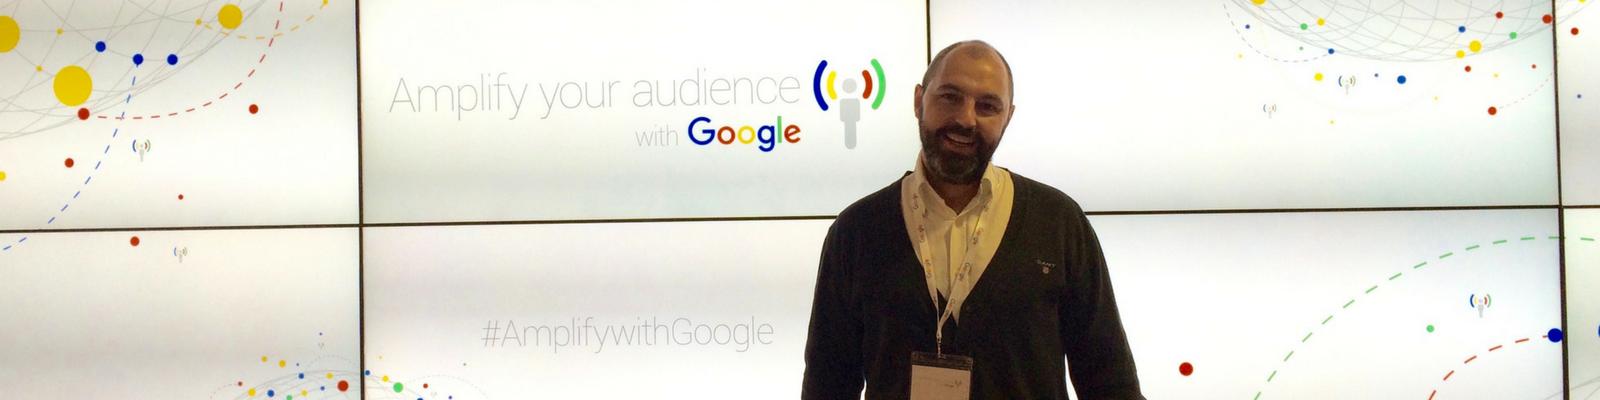 """Qué hemos aprendido en el """"Amplify your audience"""" de Google?"""